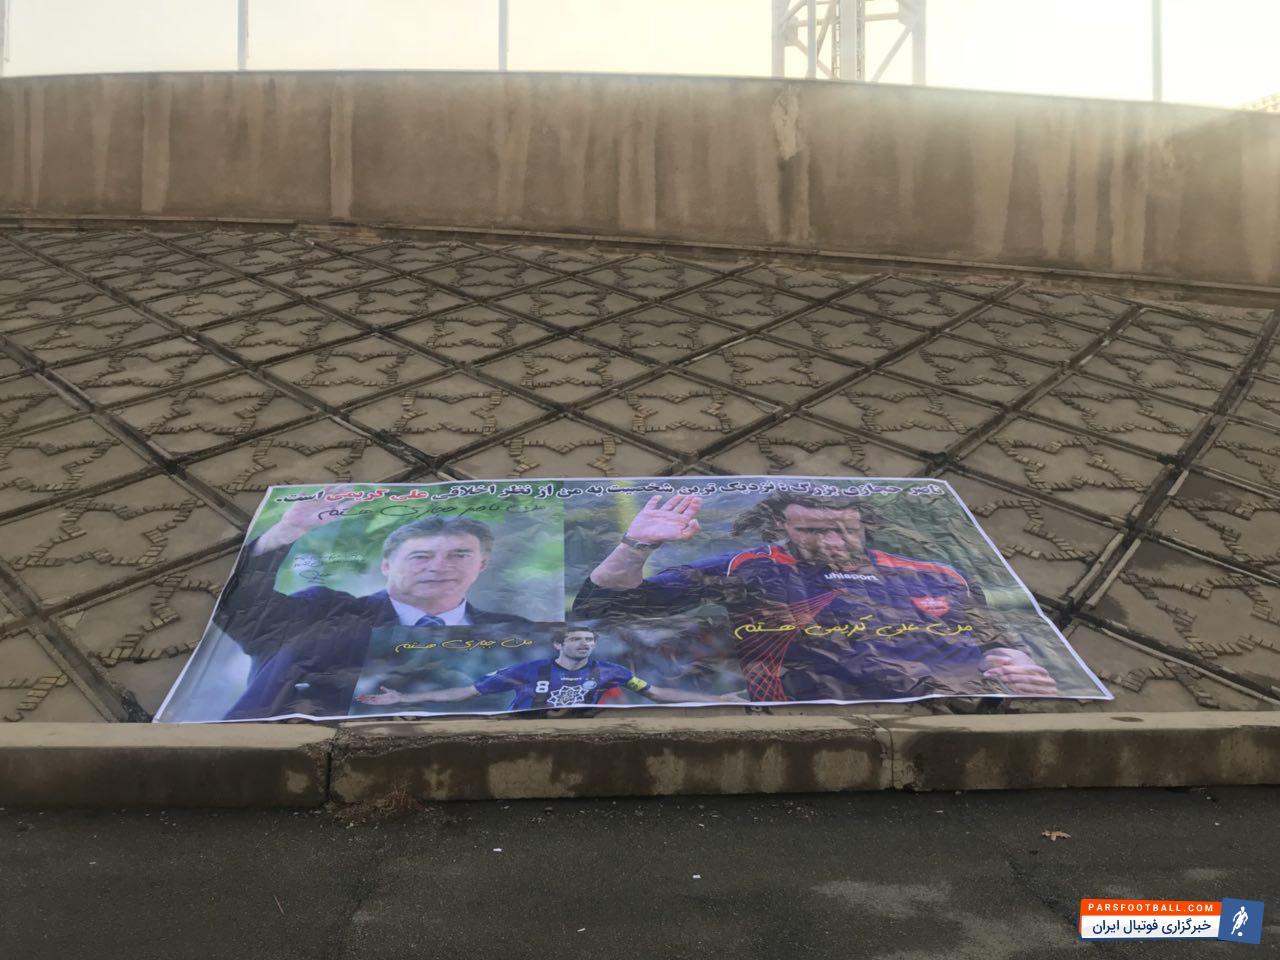 هواداران استقلال بنری حمایتی از علی کریمی و مجتبی جباری آماده کرده بودند تا به این شکل از حرکت چند روز اخیر این دو، حمایت کنند اما ماموران نیروی انتظامی ورزشگاه آزادی اجازه ندادند که این بنر وارد ورزشگاه شود.